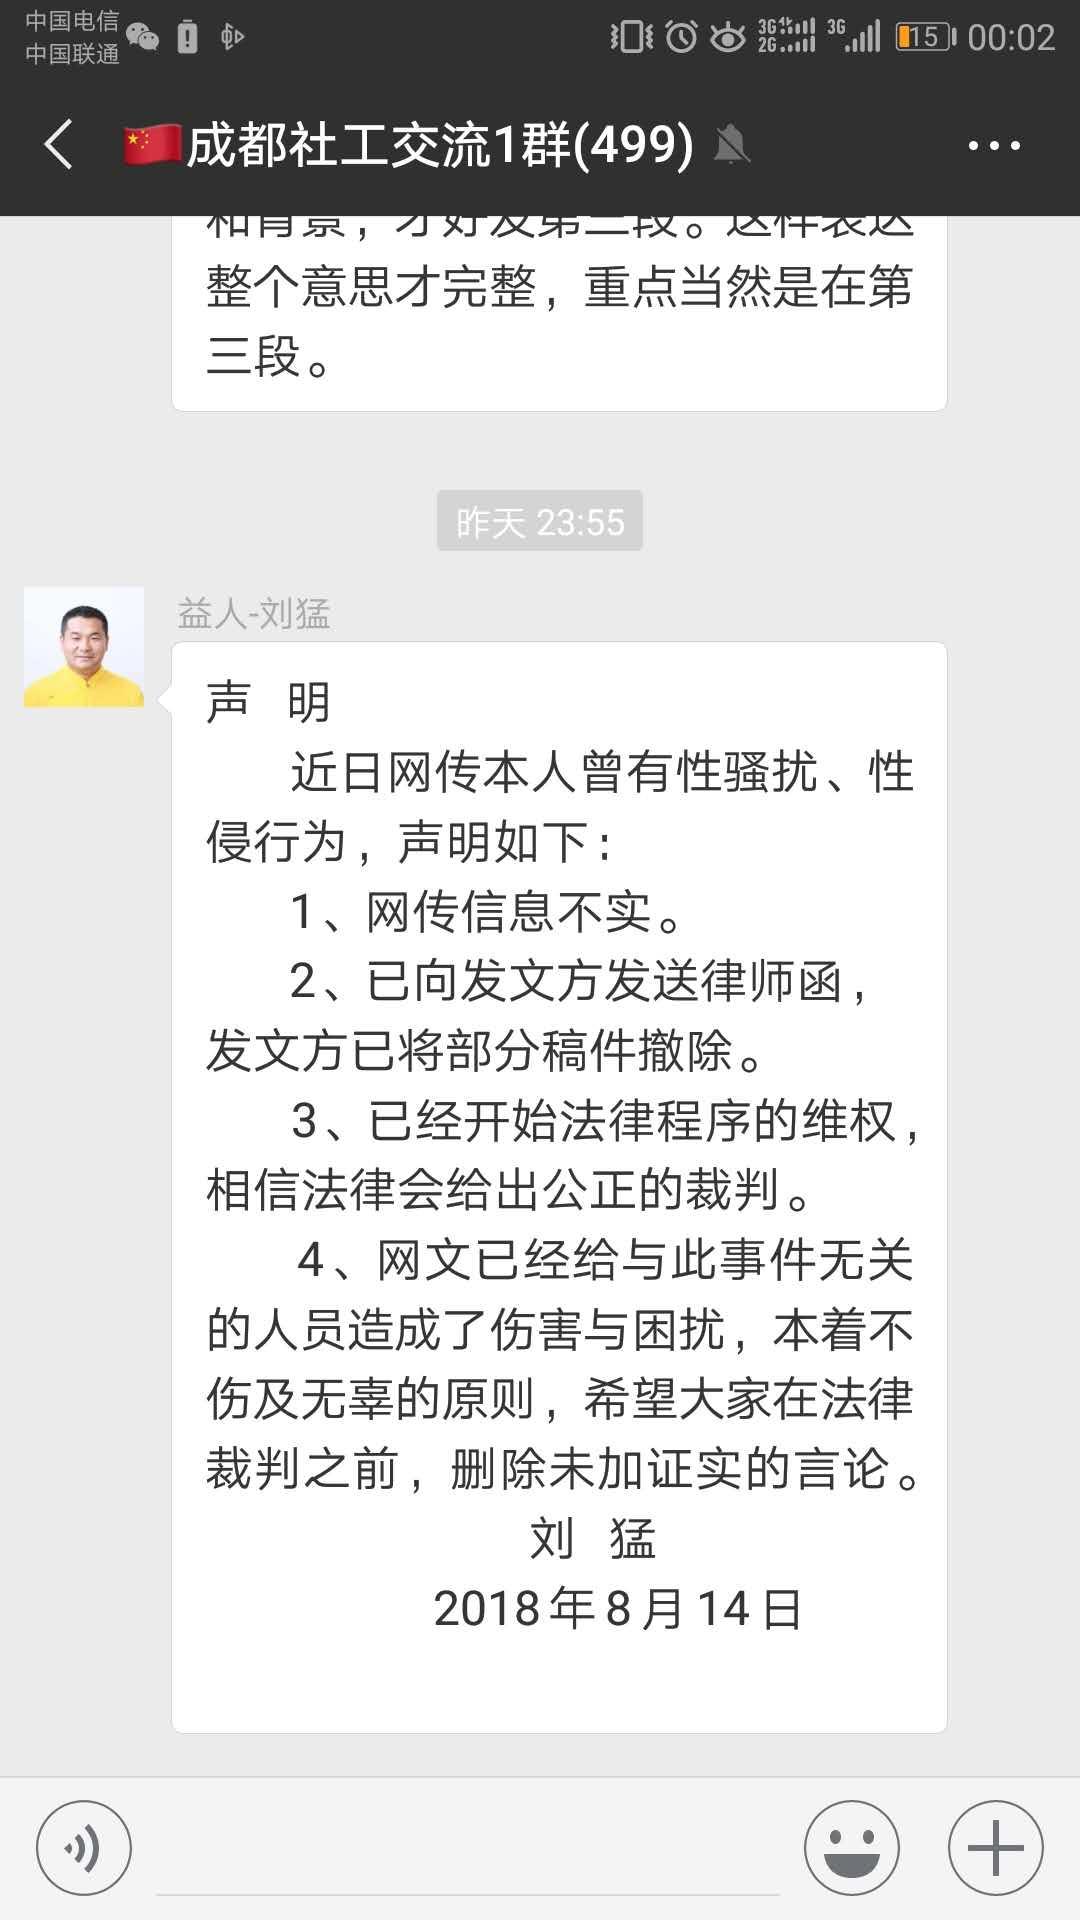 刘猛-微信群.jpg